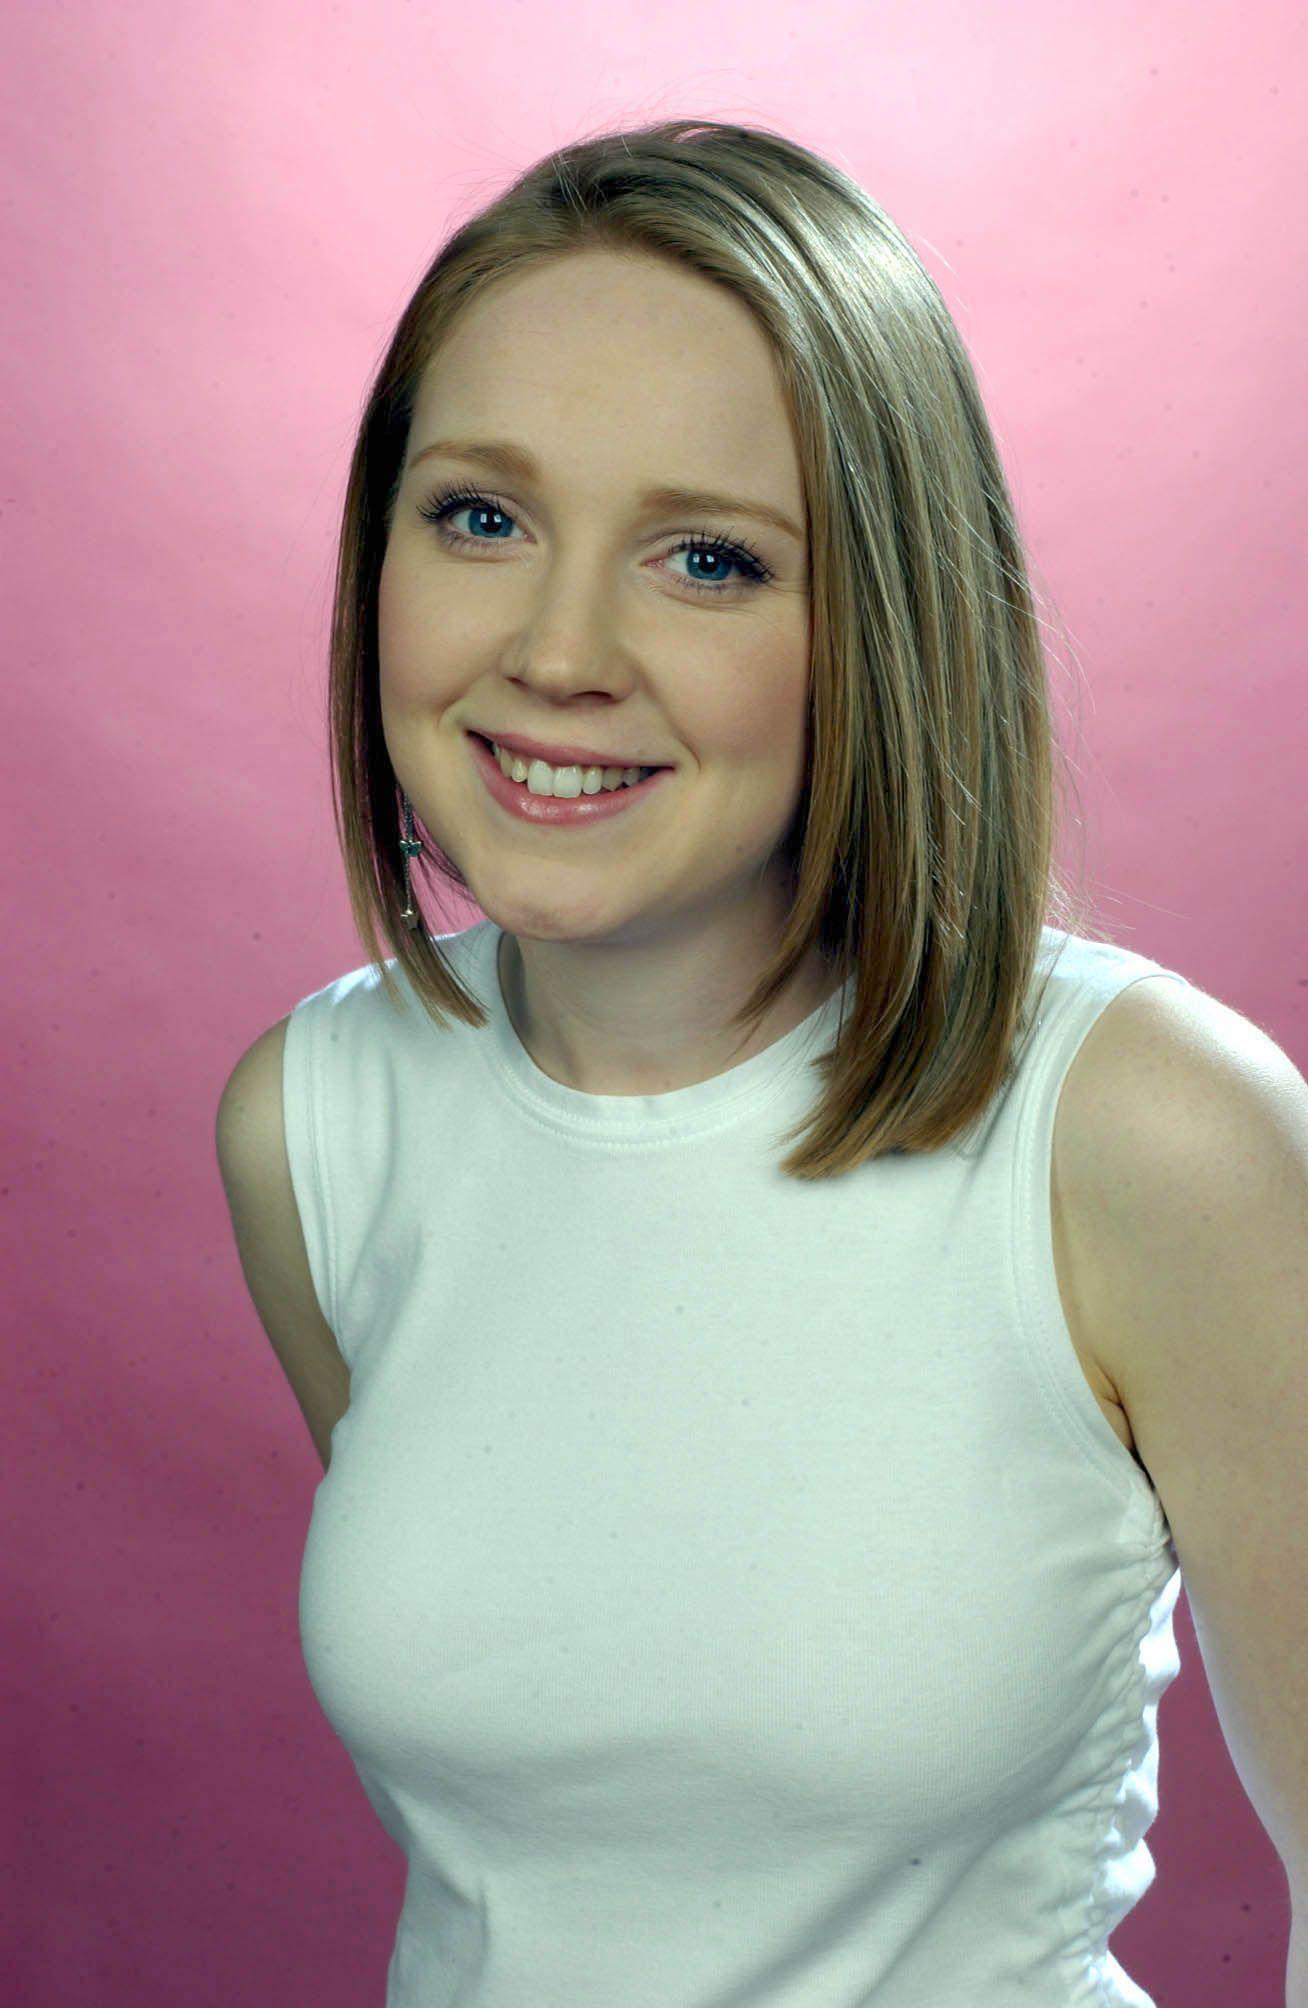 pics Julia Haworth